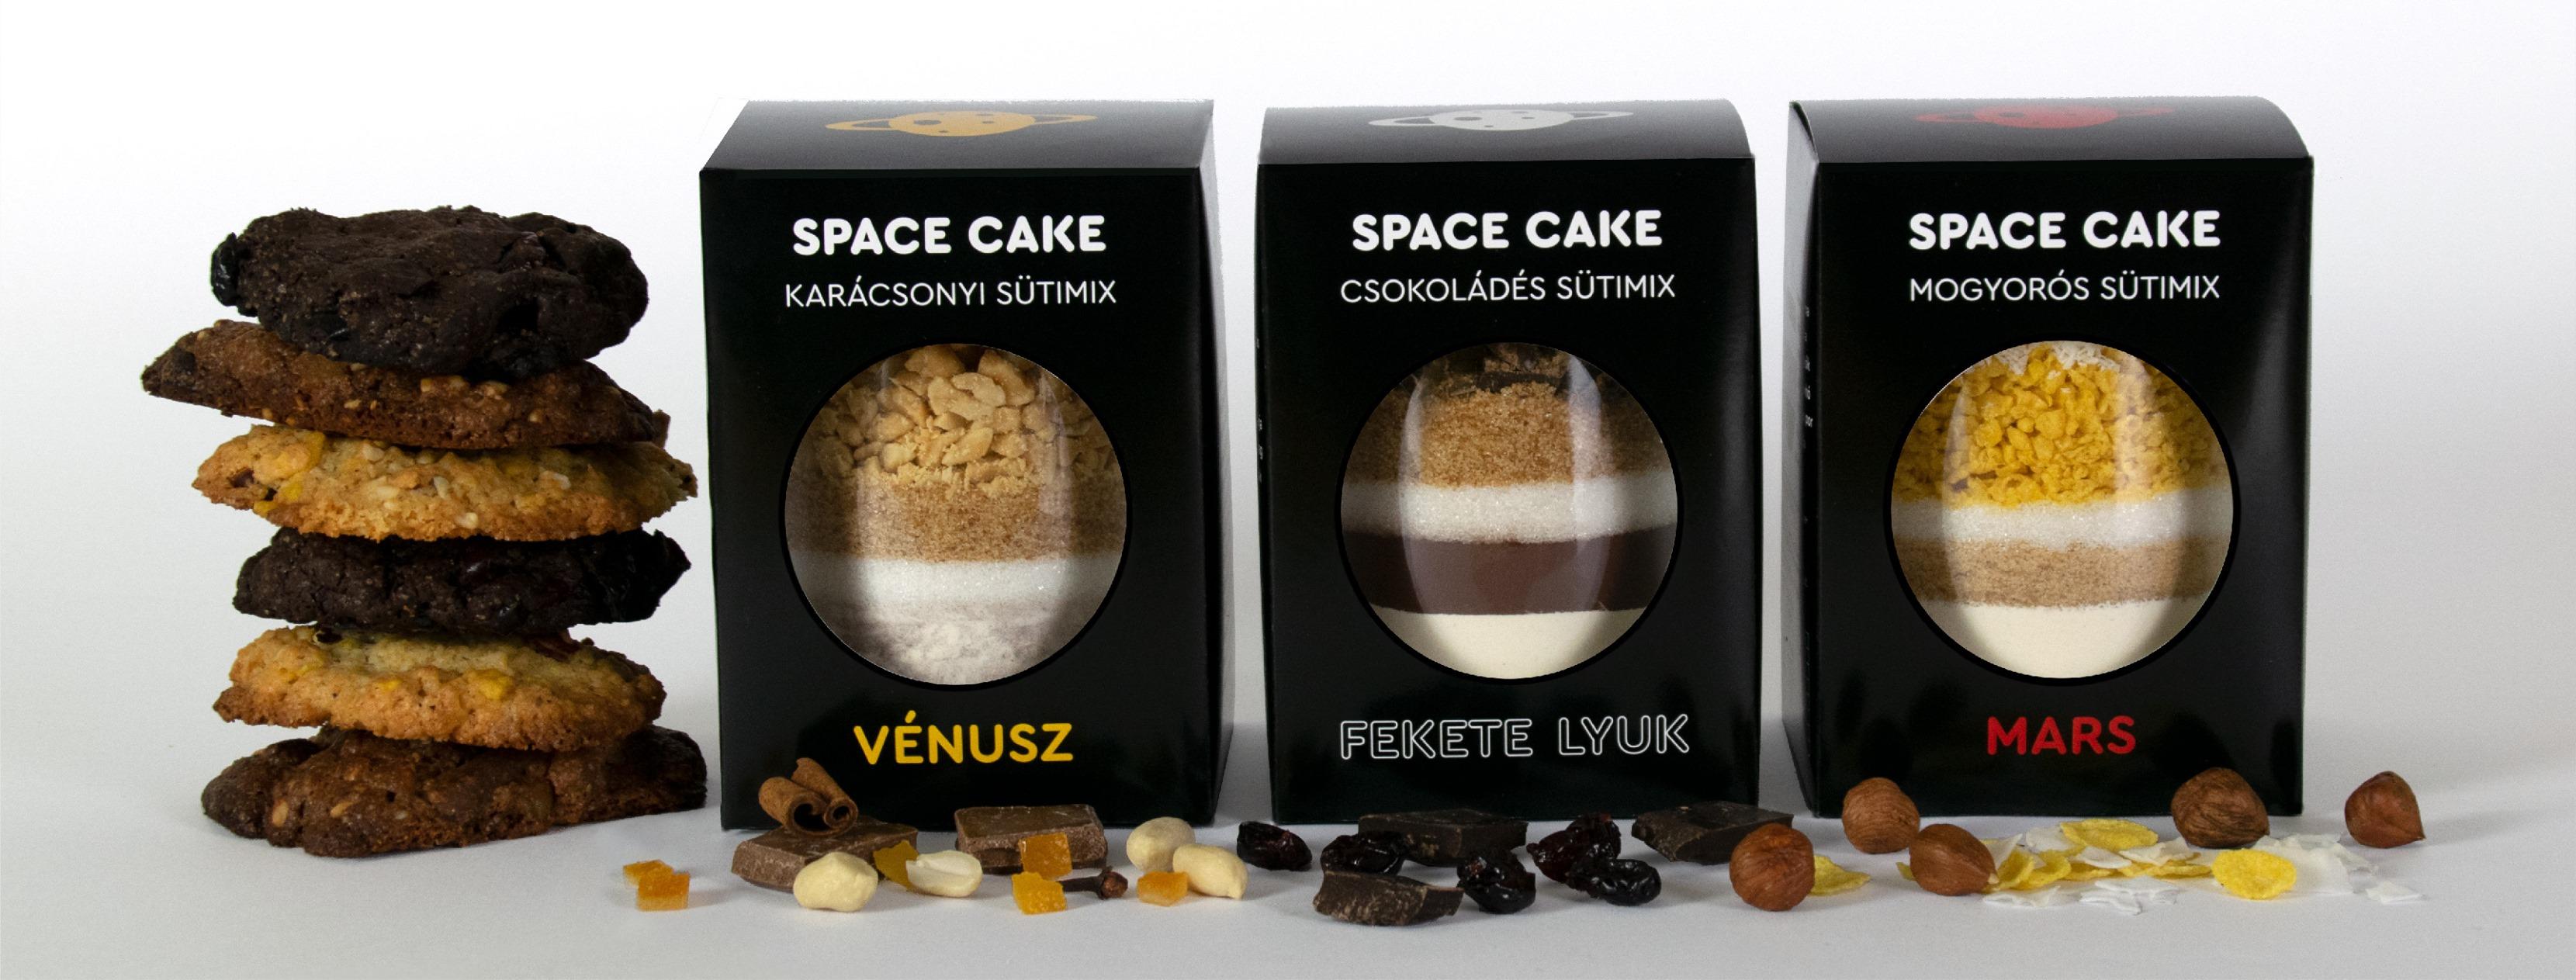 spacecake7.jpg